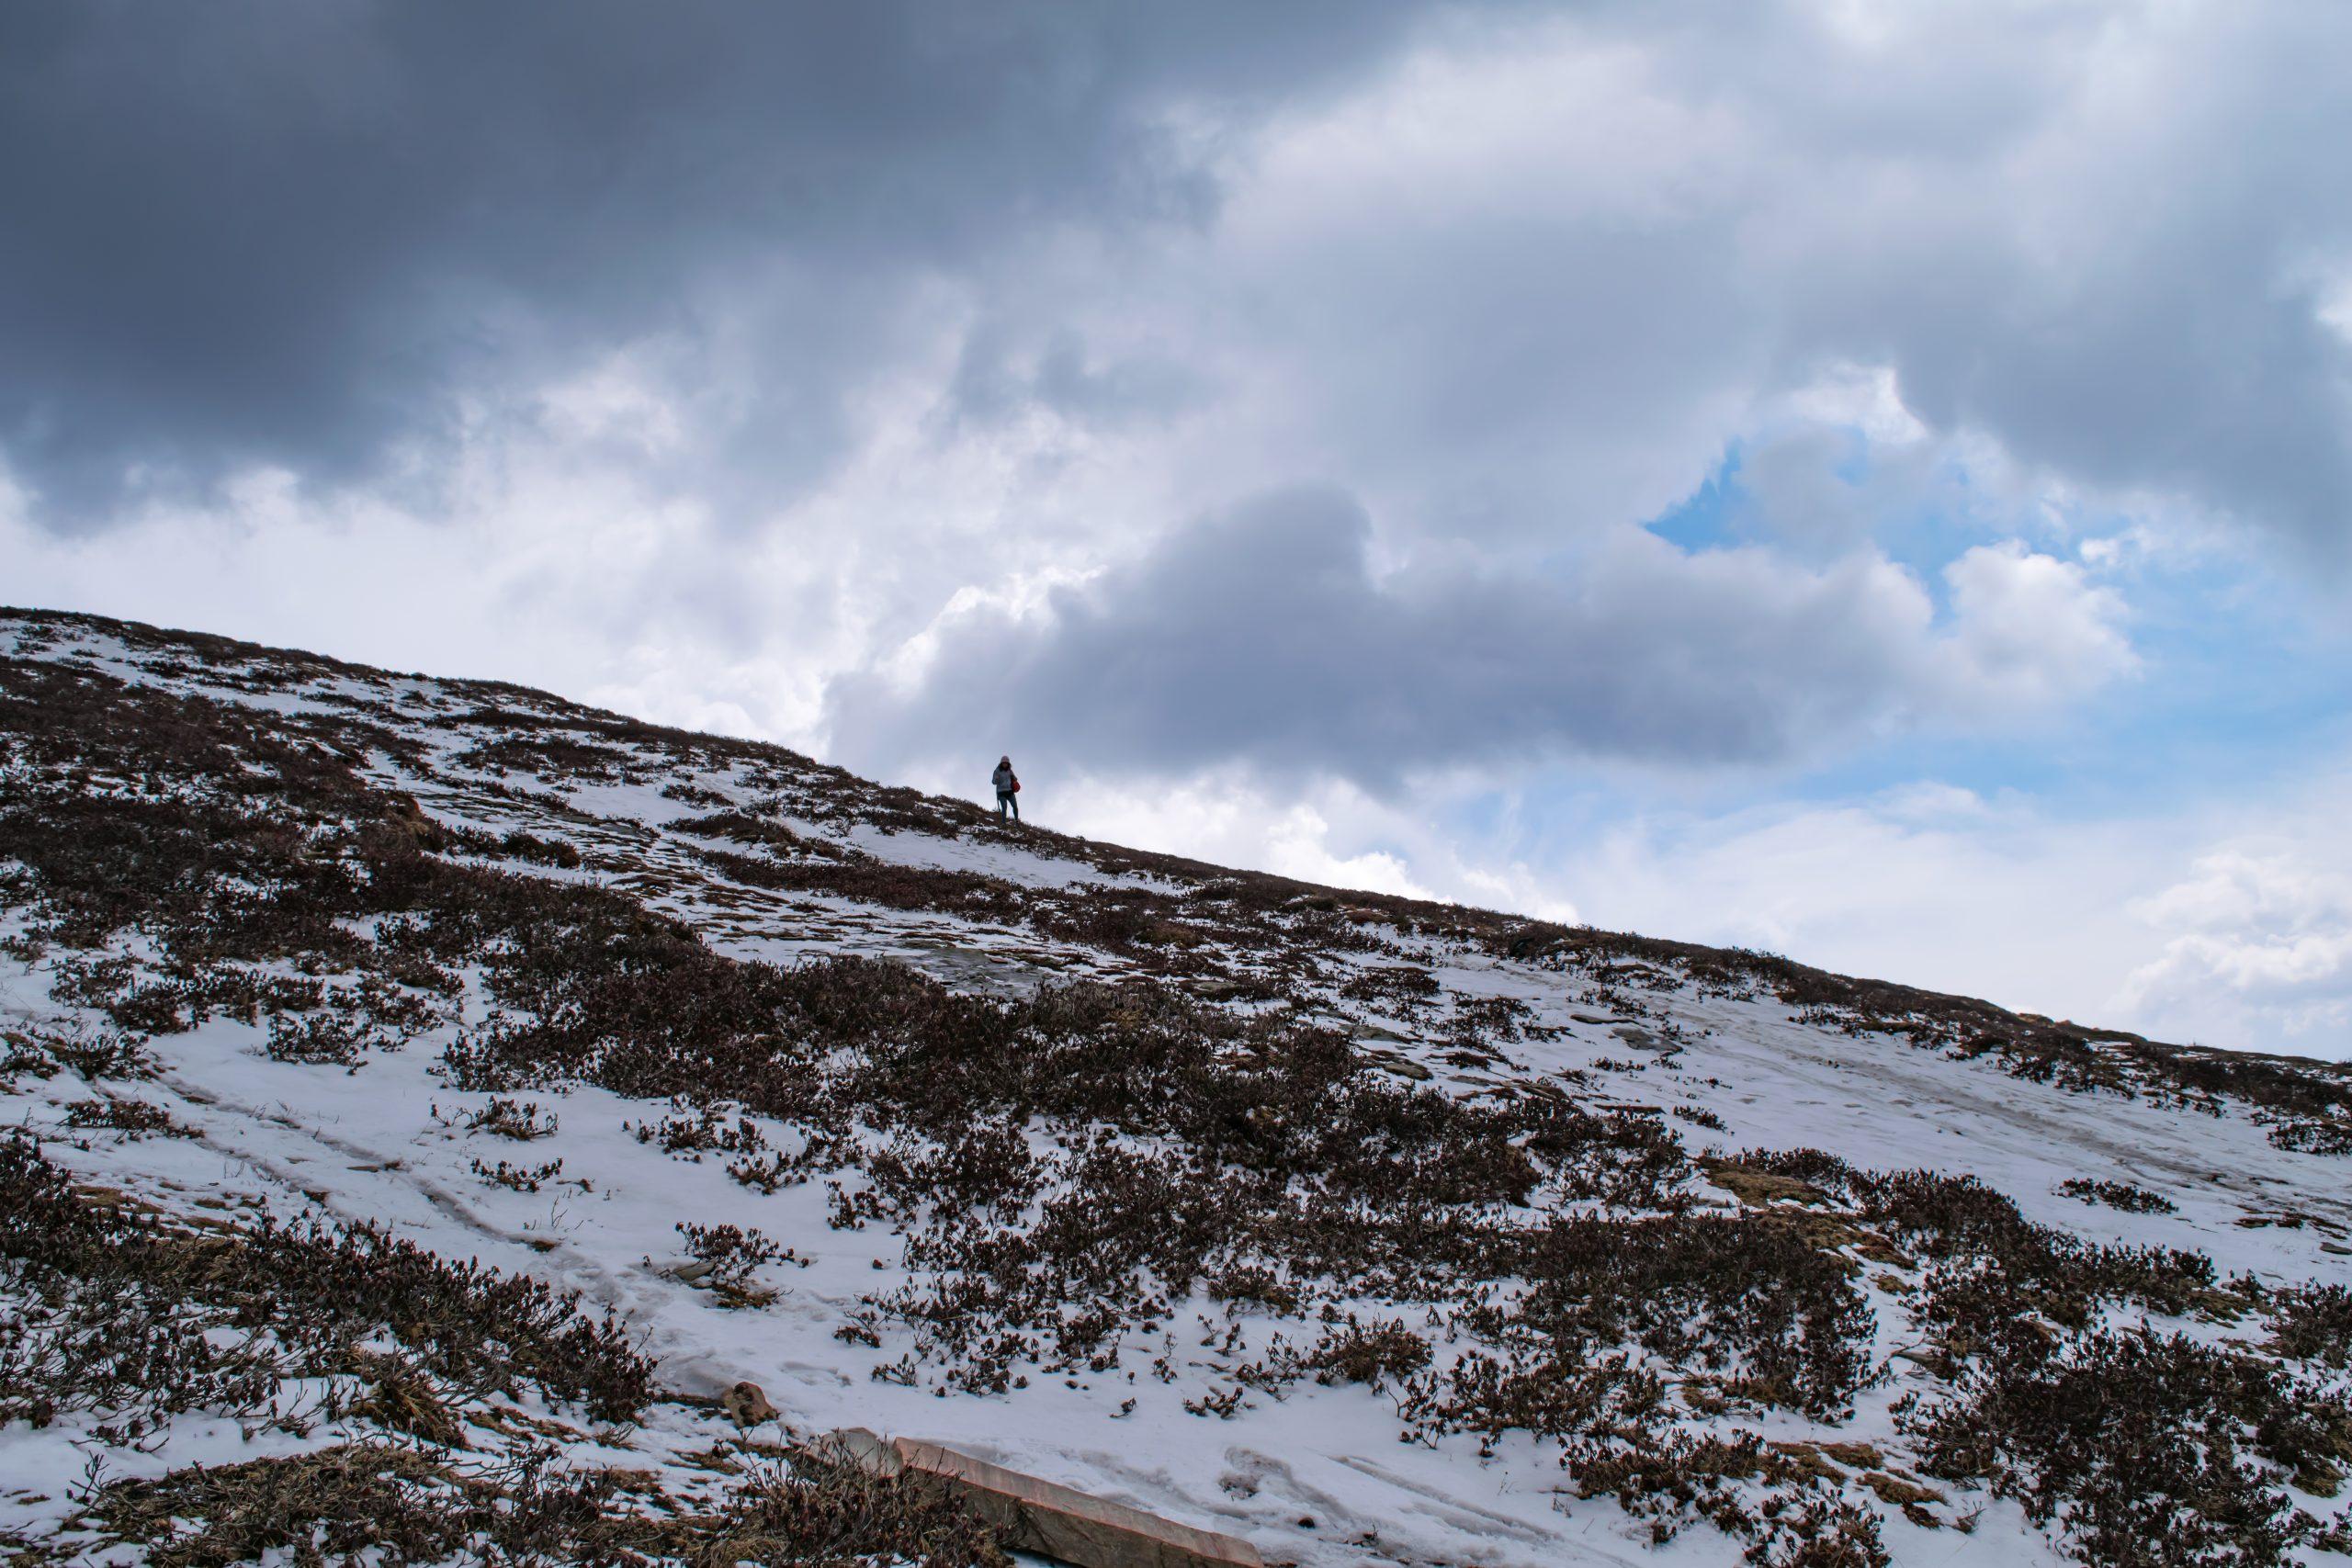 A trekker on a snowy mountain